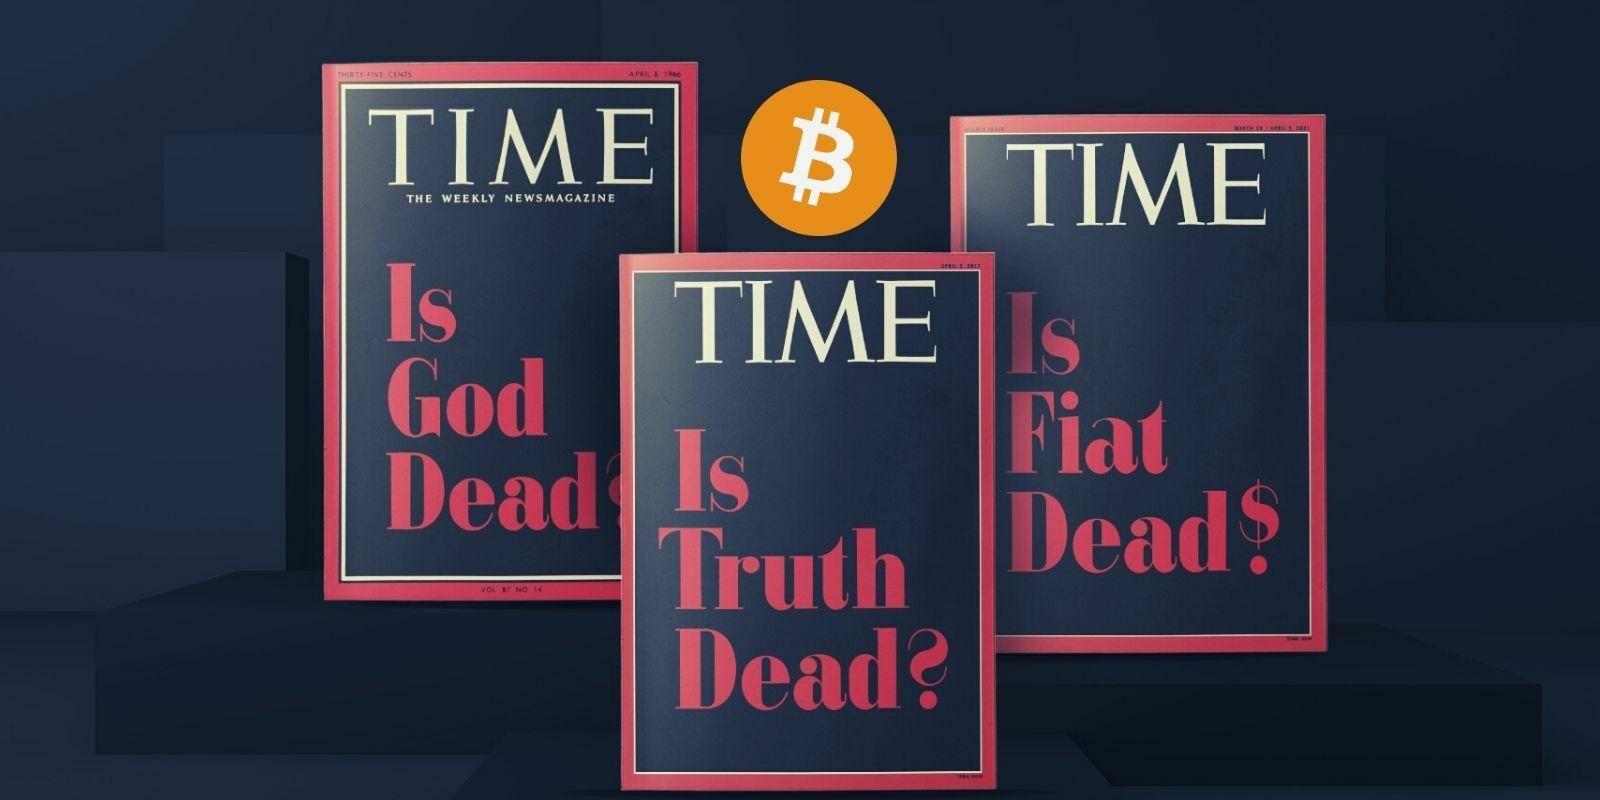 Le Time Magazine recherche un directeur financier à l'aise avec le Bitcoin